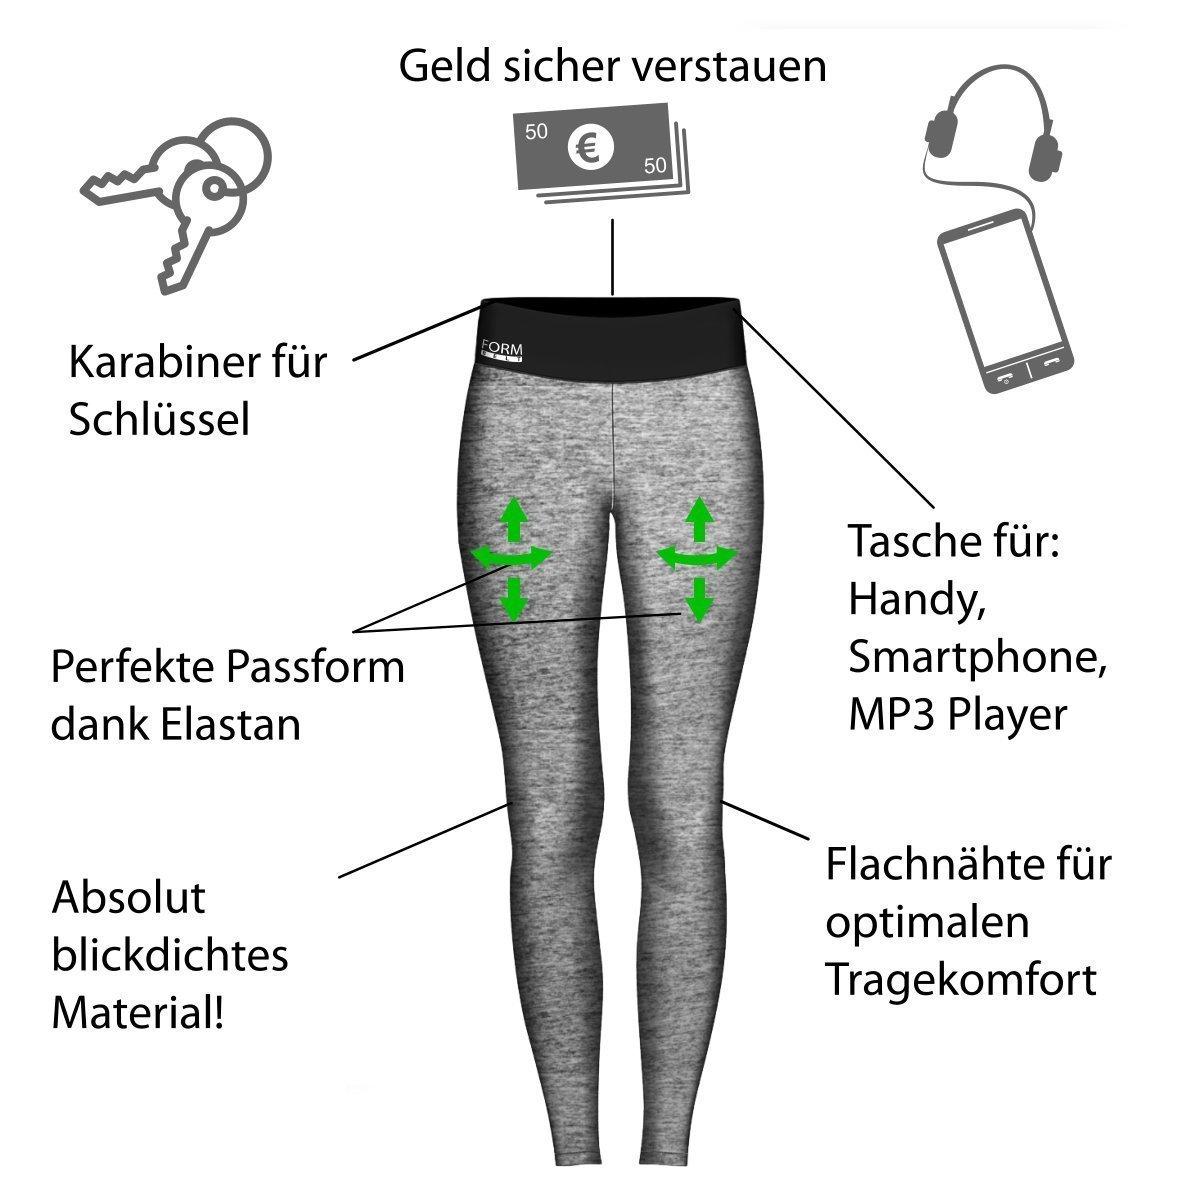 sport-damen-leggings-mit-taschen-fuer-handy-grau-infografik